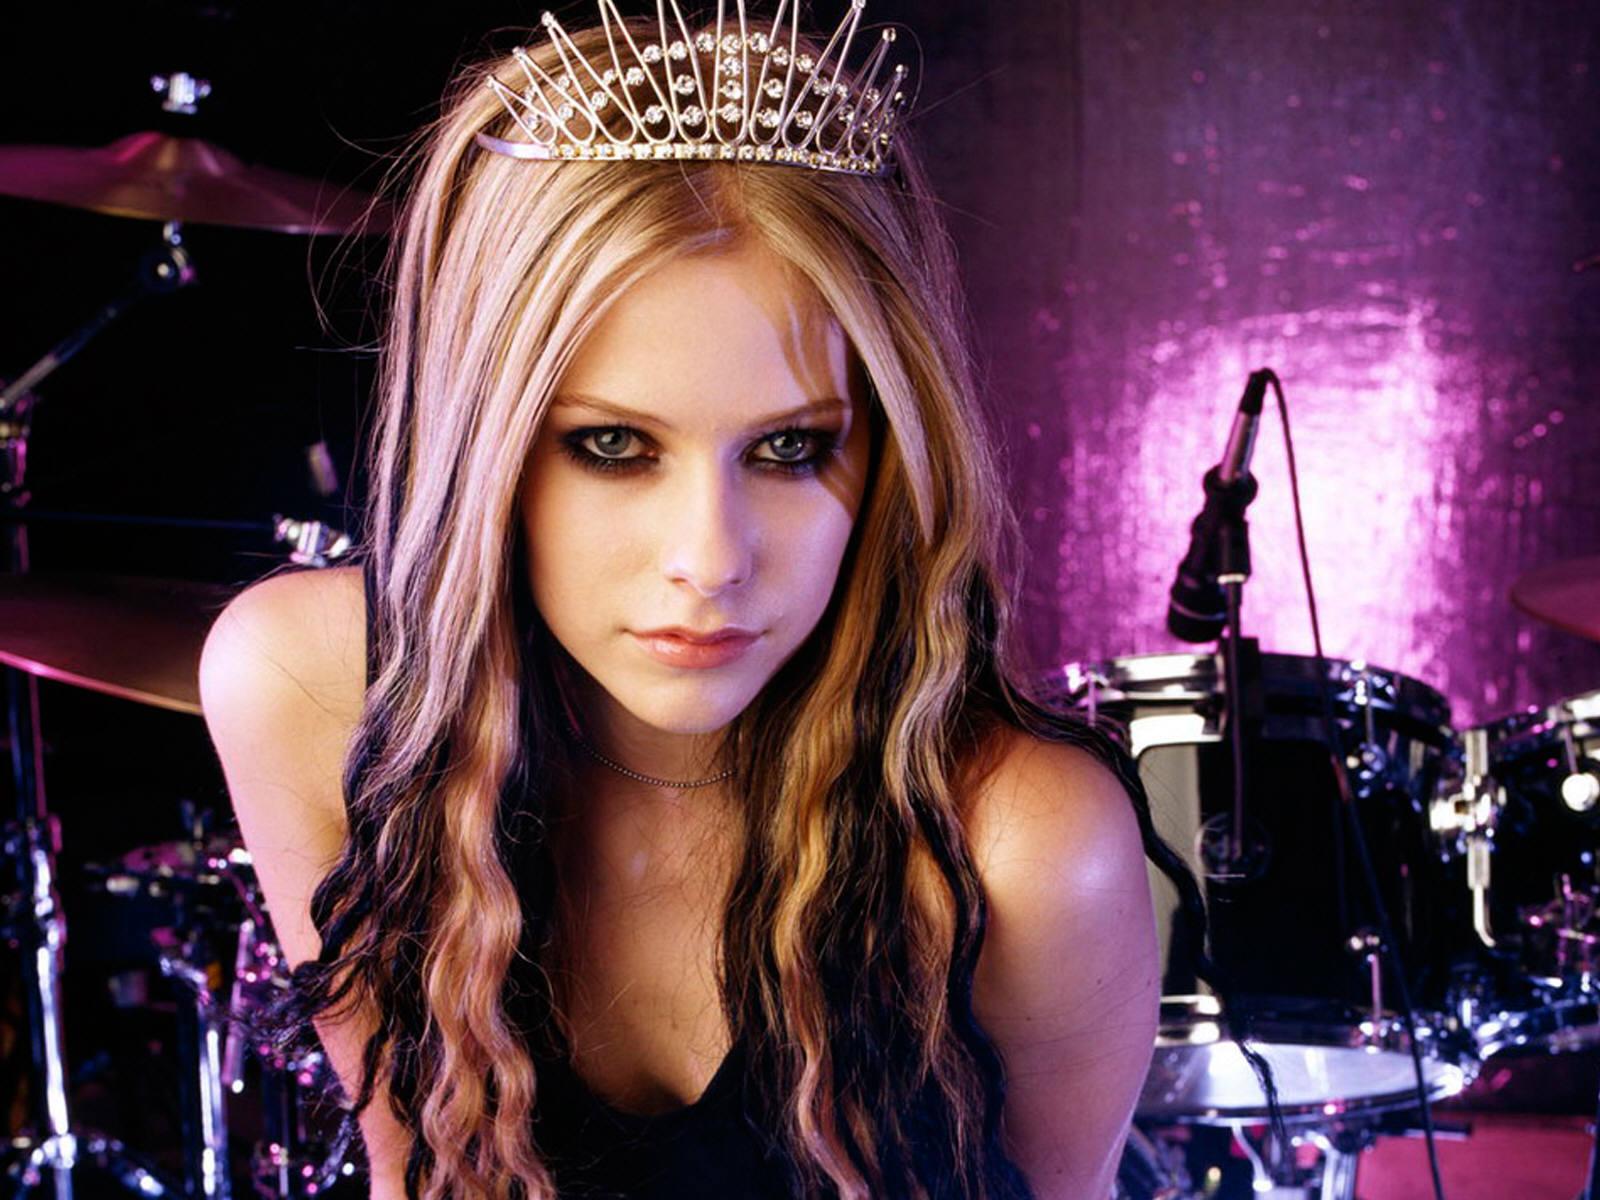 http://2.bp.blogspot.com/-gzexEXJhIWU/Txnc6B1bBNI/AAAAAAAATkg/9rk0KOLiV28/s1600/Avril+Lavigne.jpg